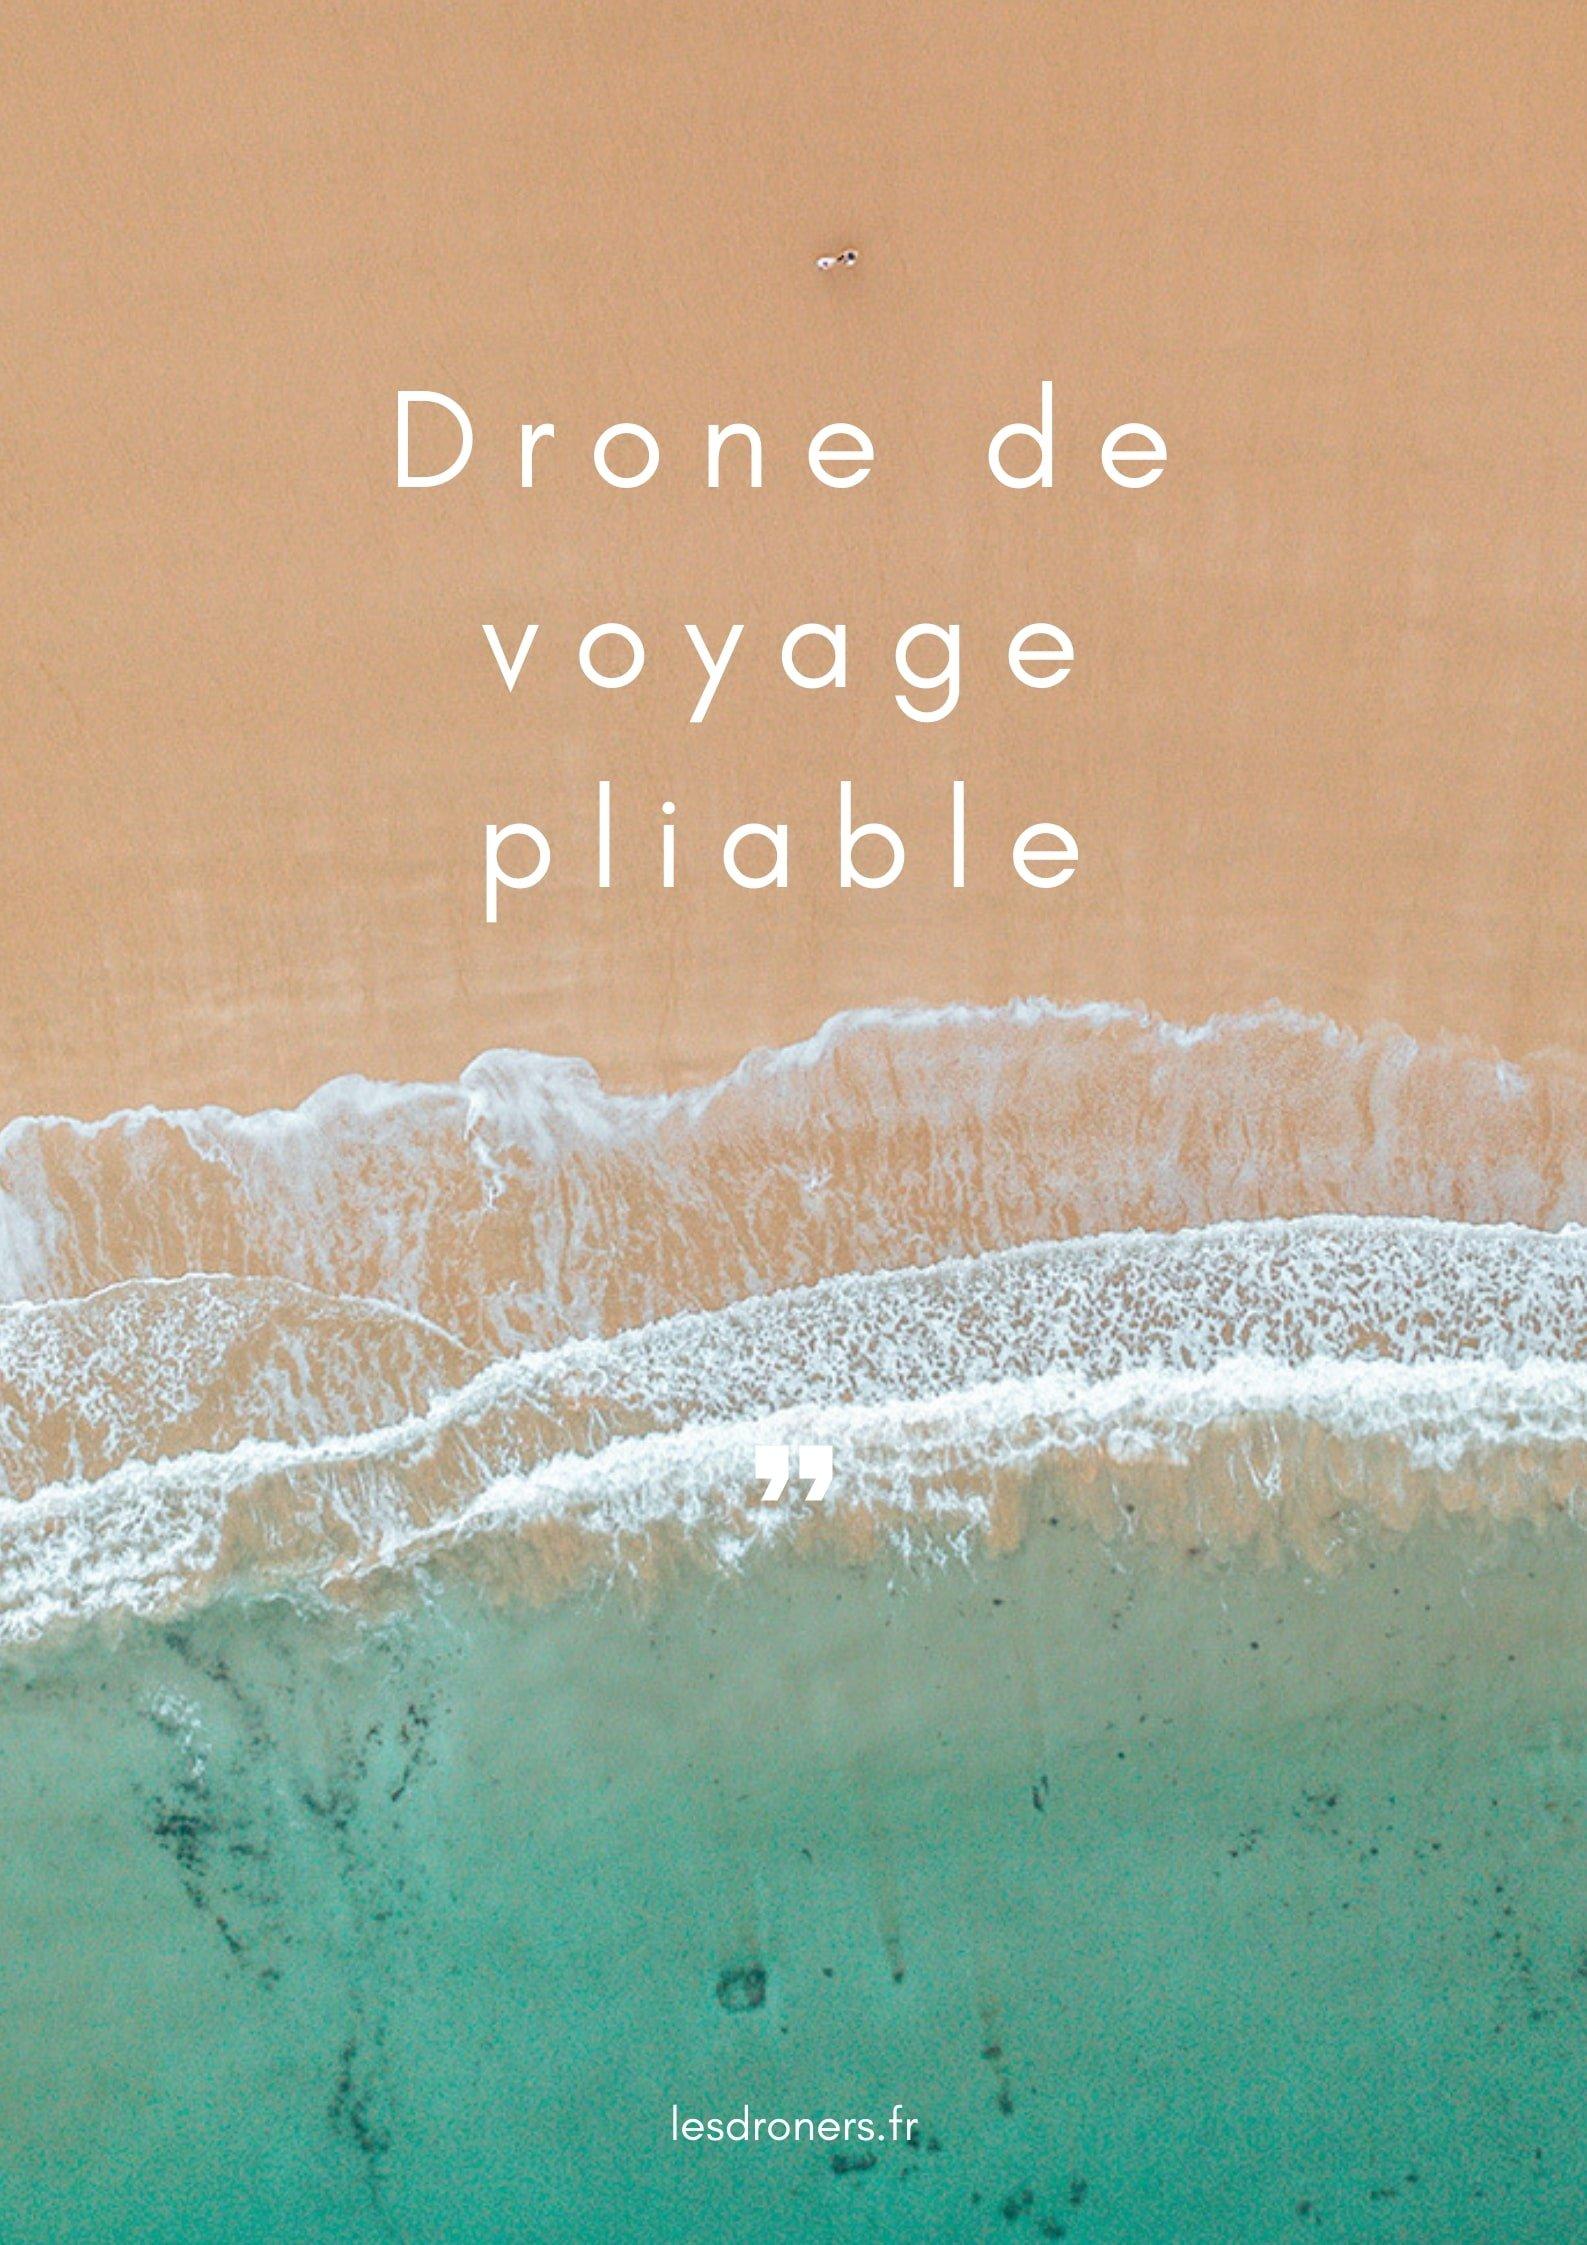 drone de voyage pliable